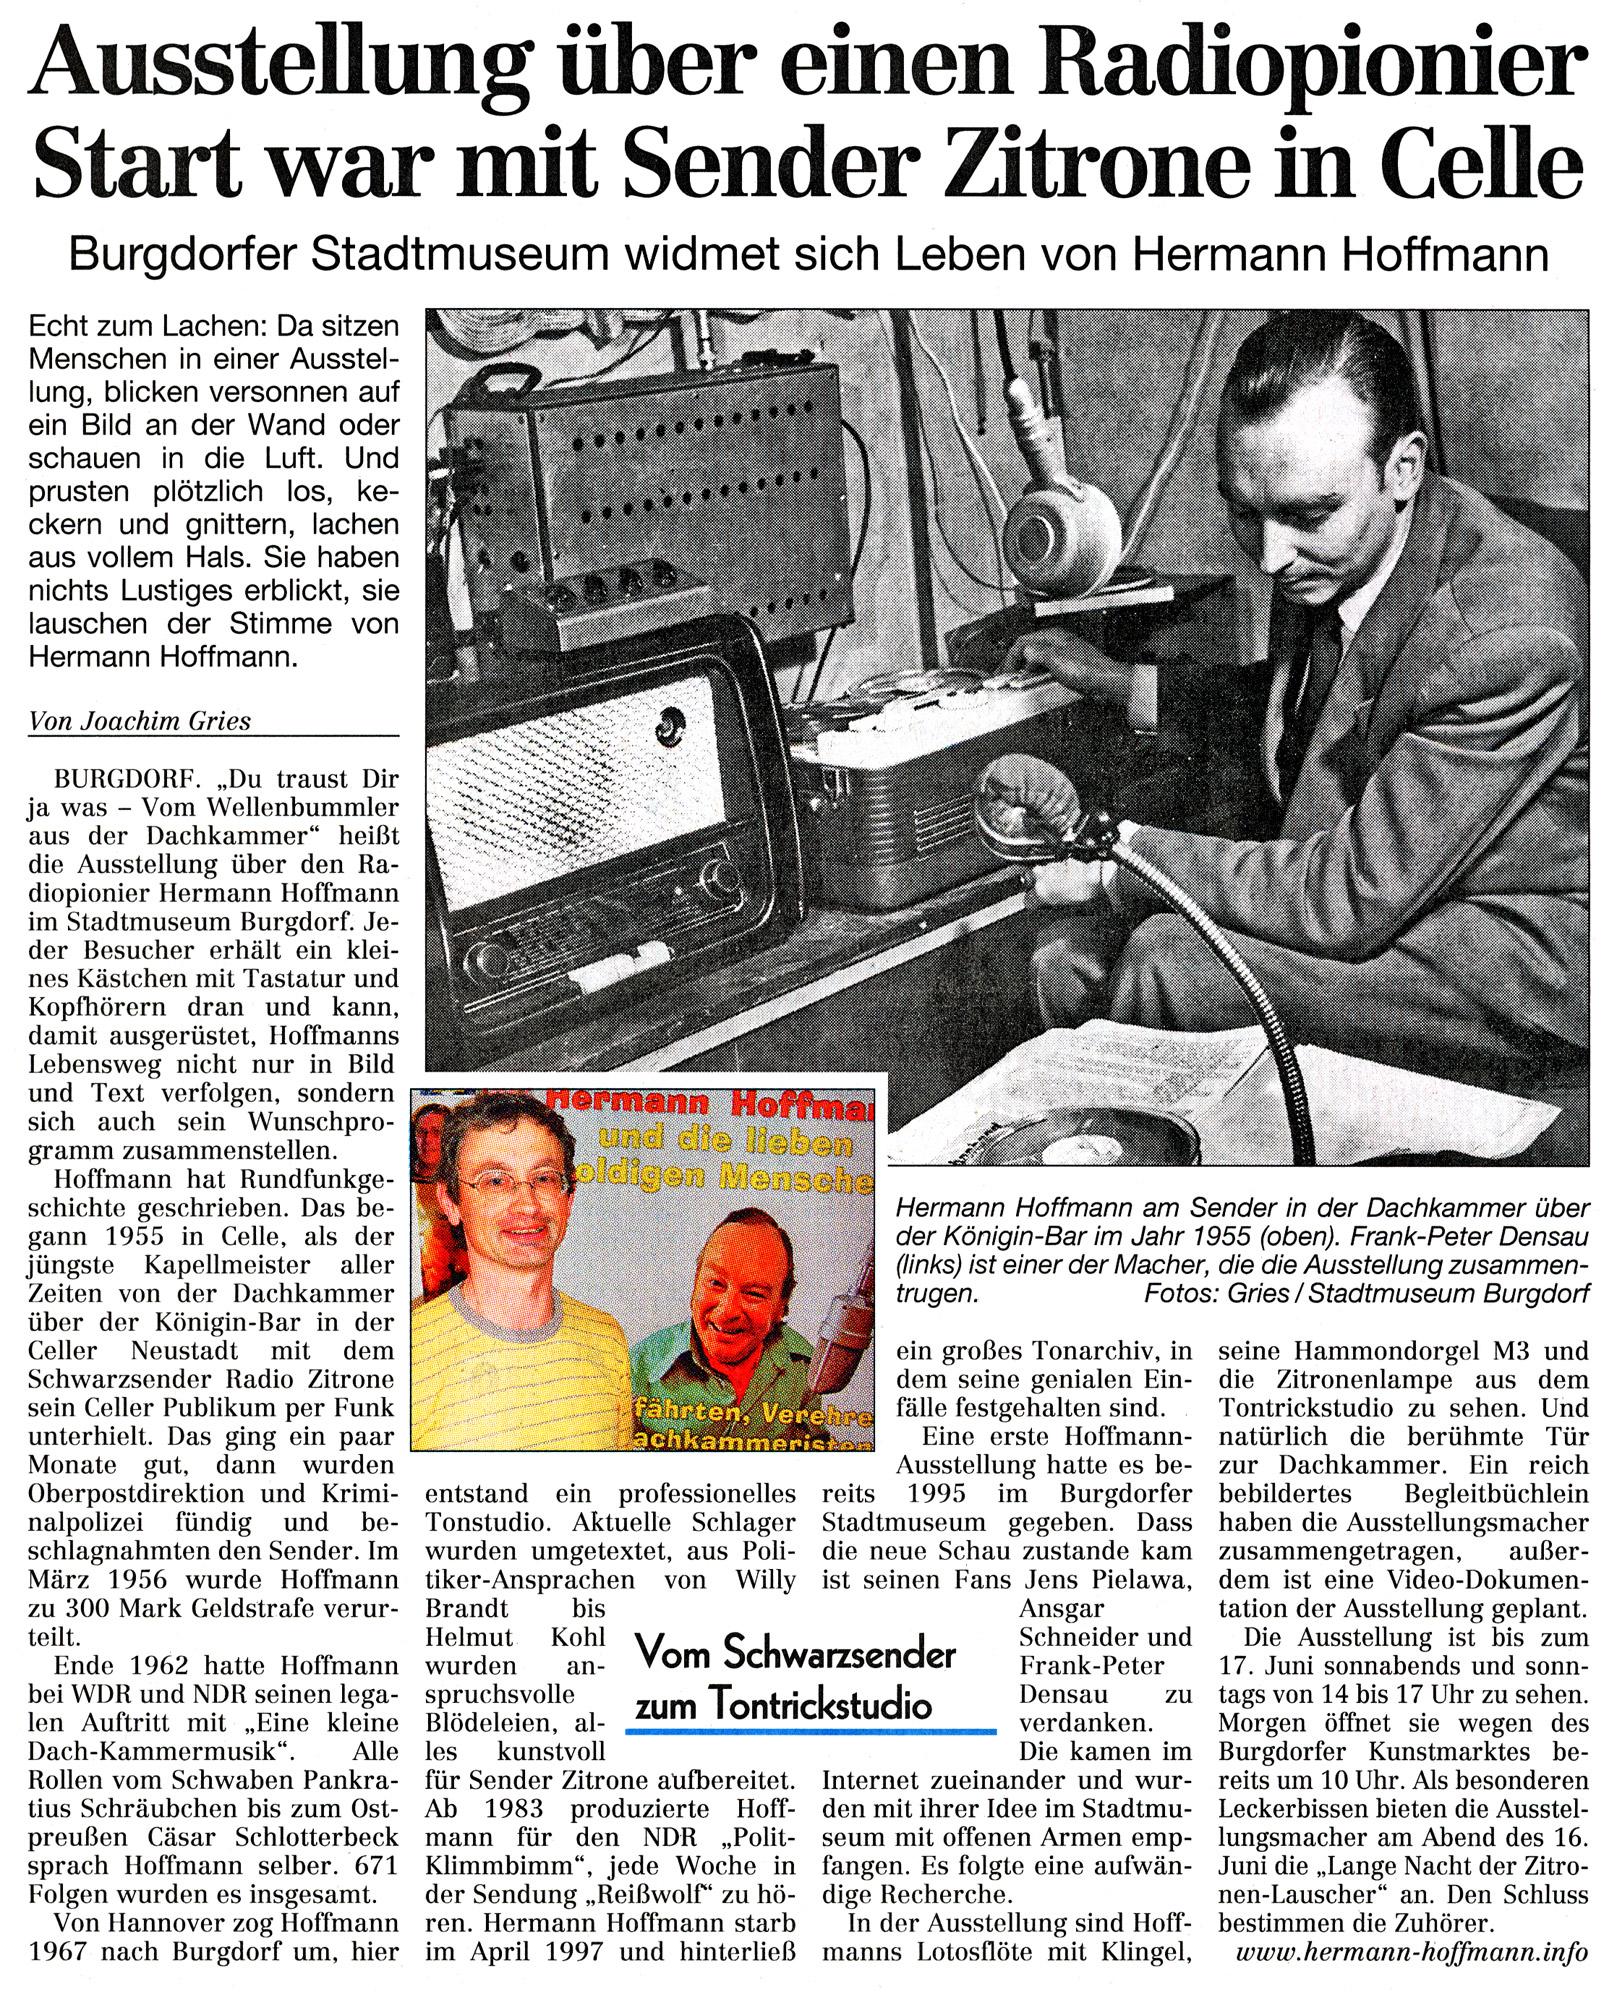 Cellesche Zeitung, 08.05.2007